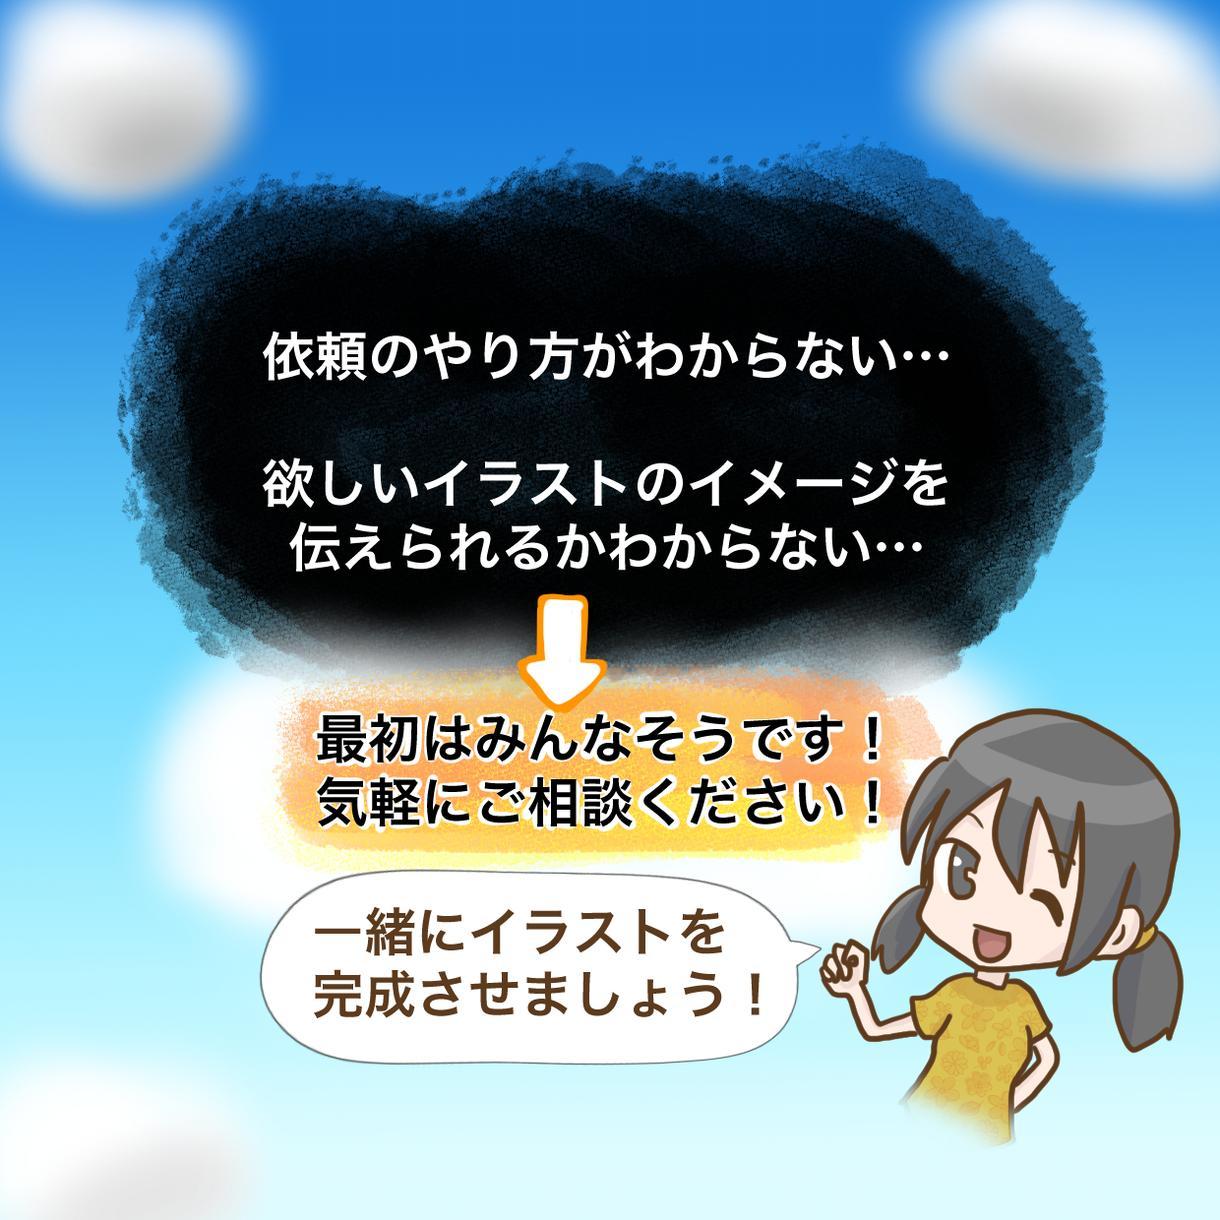 ポケモンのアイコン、GXマーカーを描きます SNSのアイコン、GXマーカーが欲しいならお任せ!